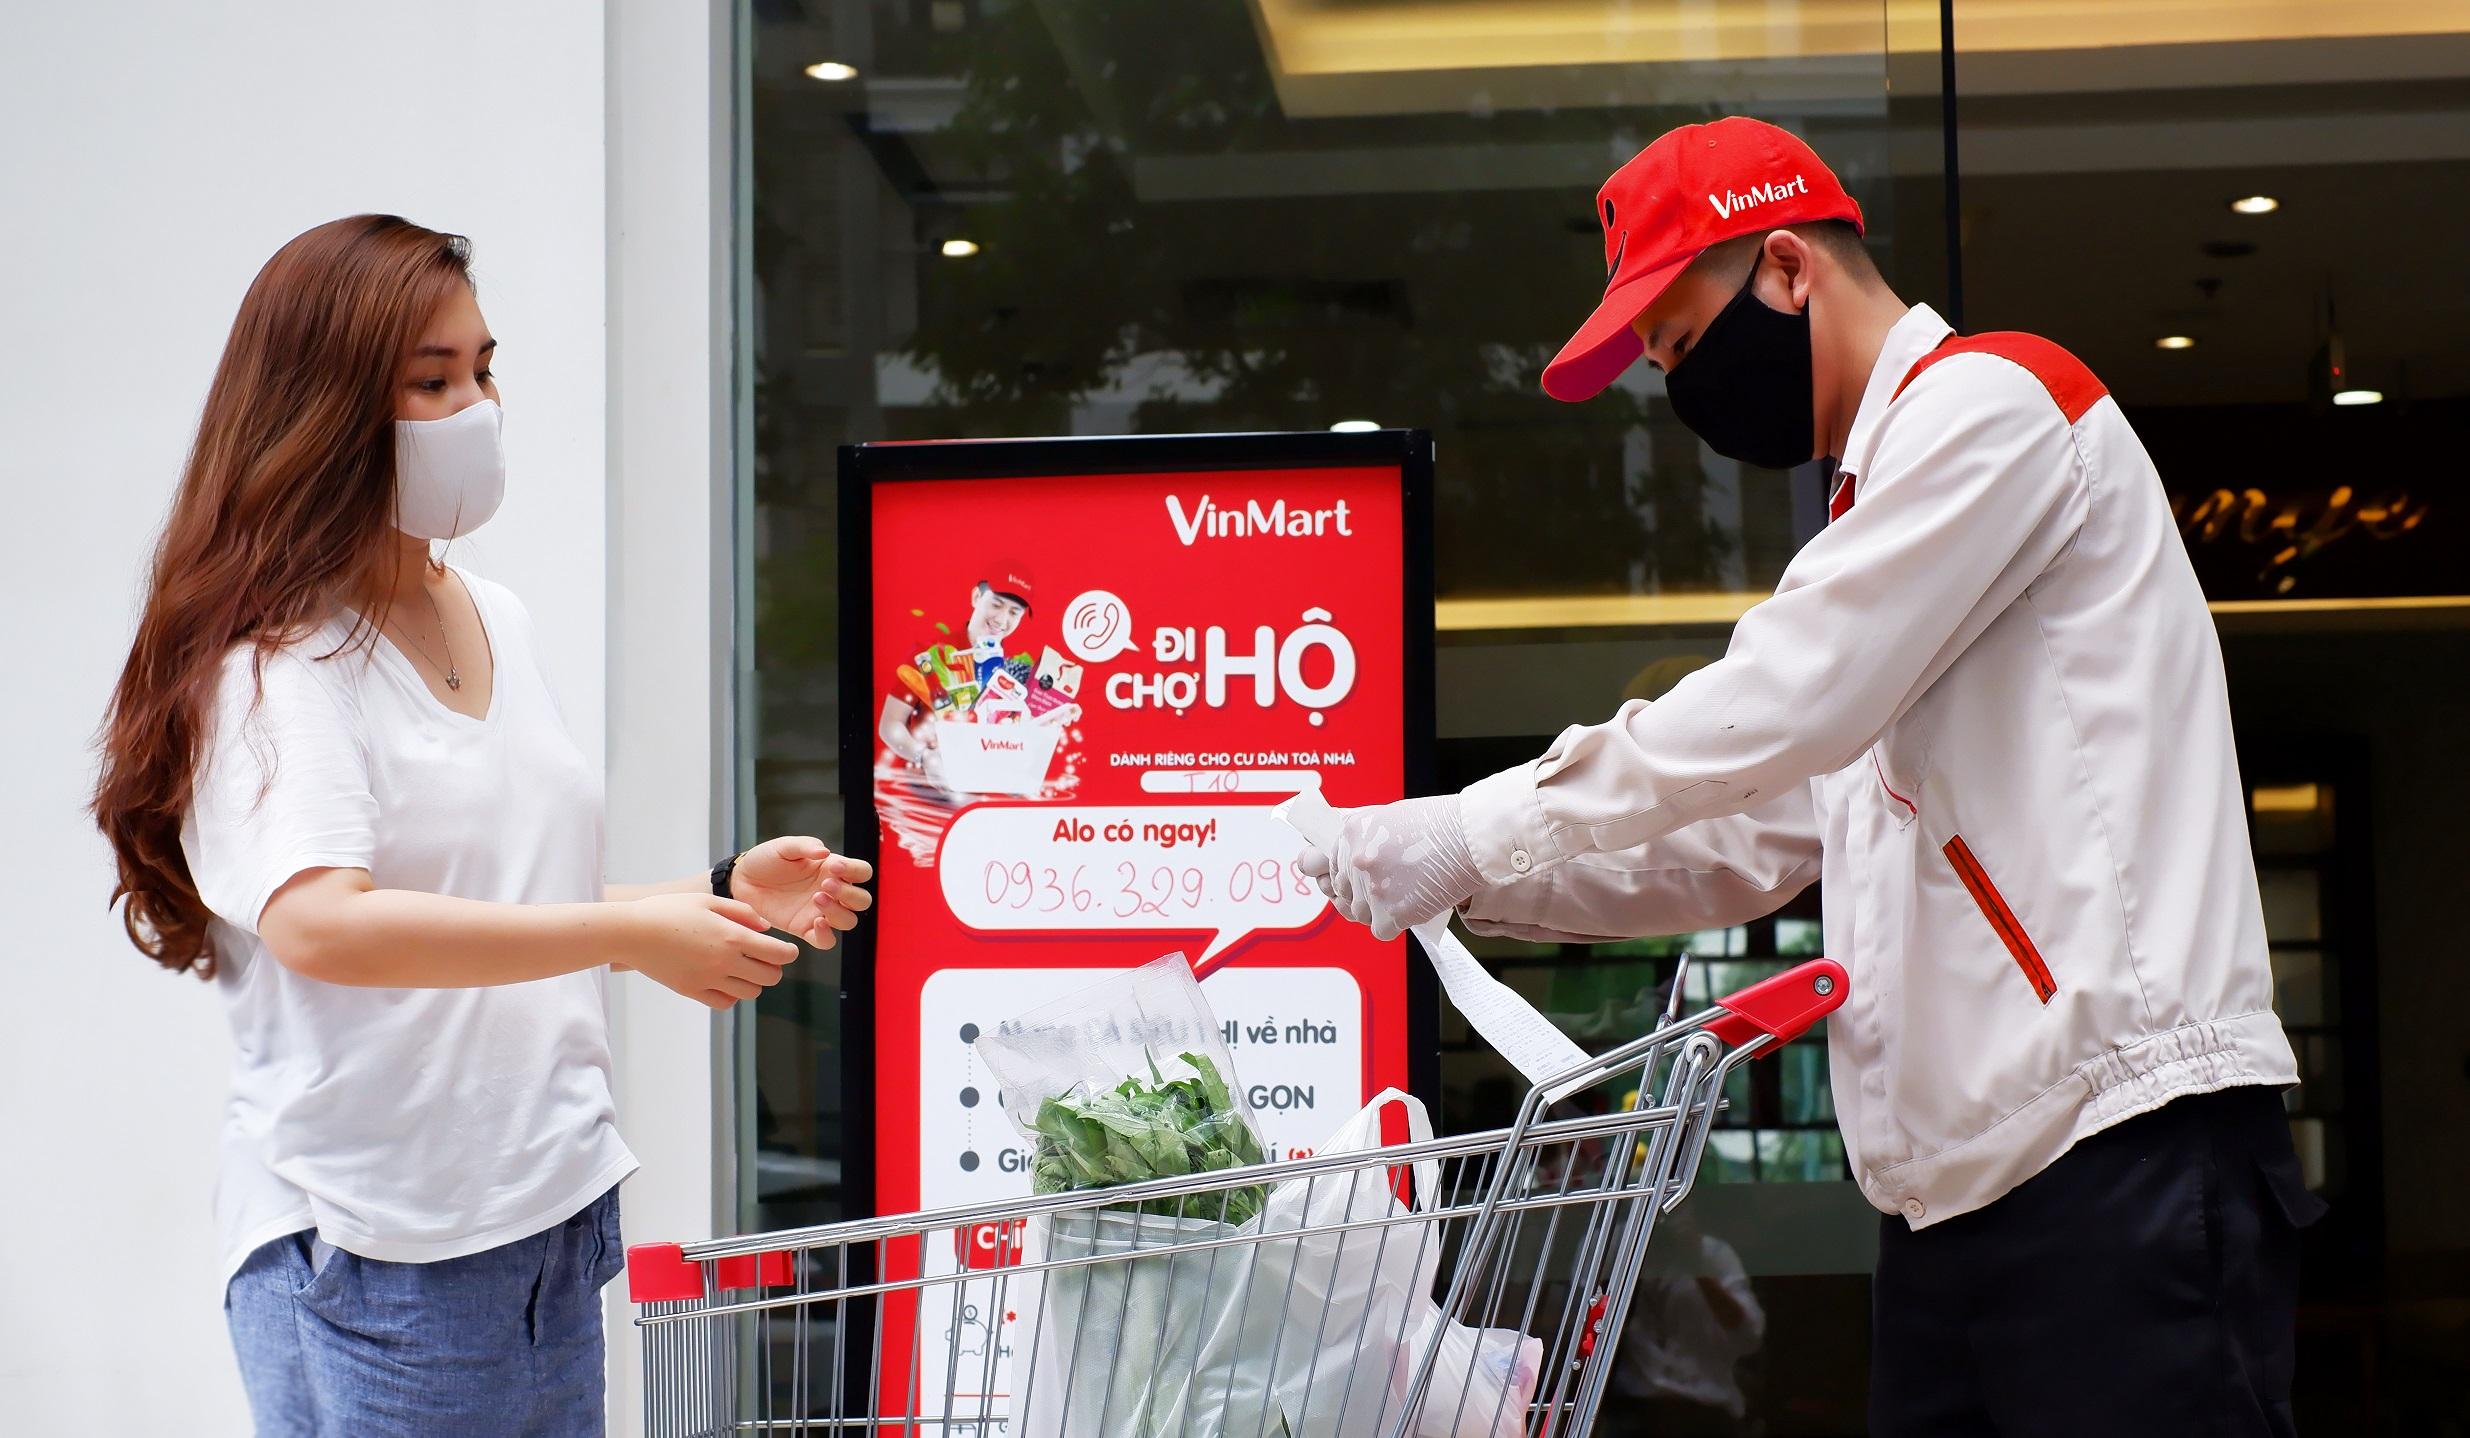 Đặt hàng online và dịch vụ đi chợ hộ của VinMart tăng trưởng mạnh mẽ trong thời gian vừa qua.JPG